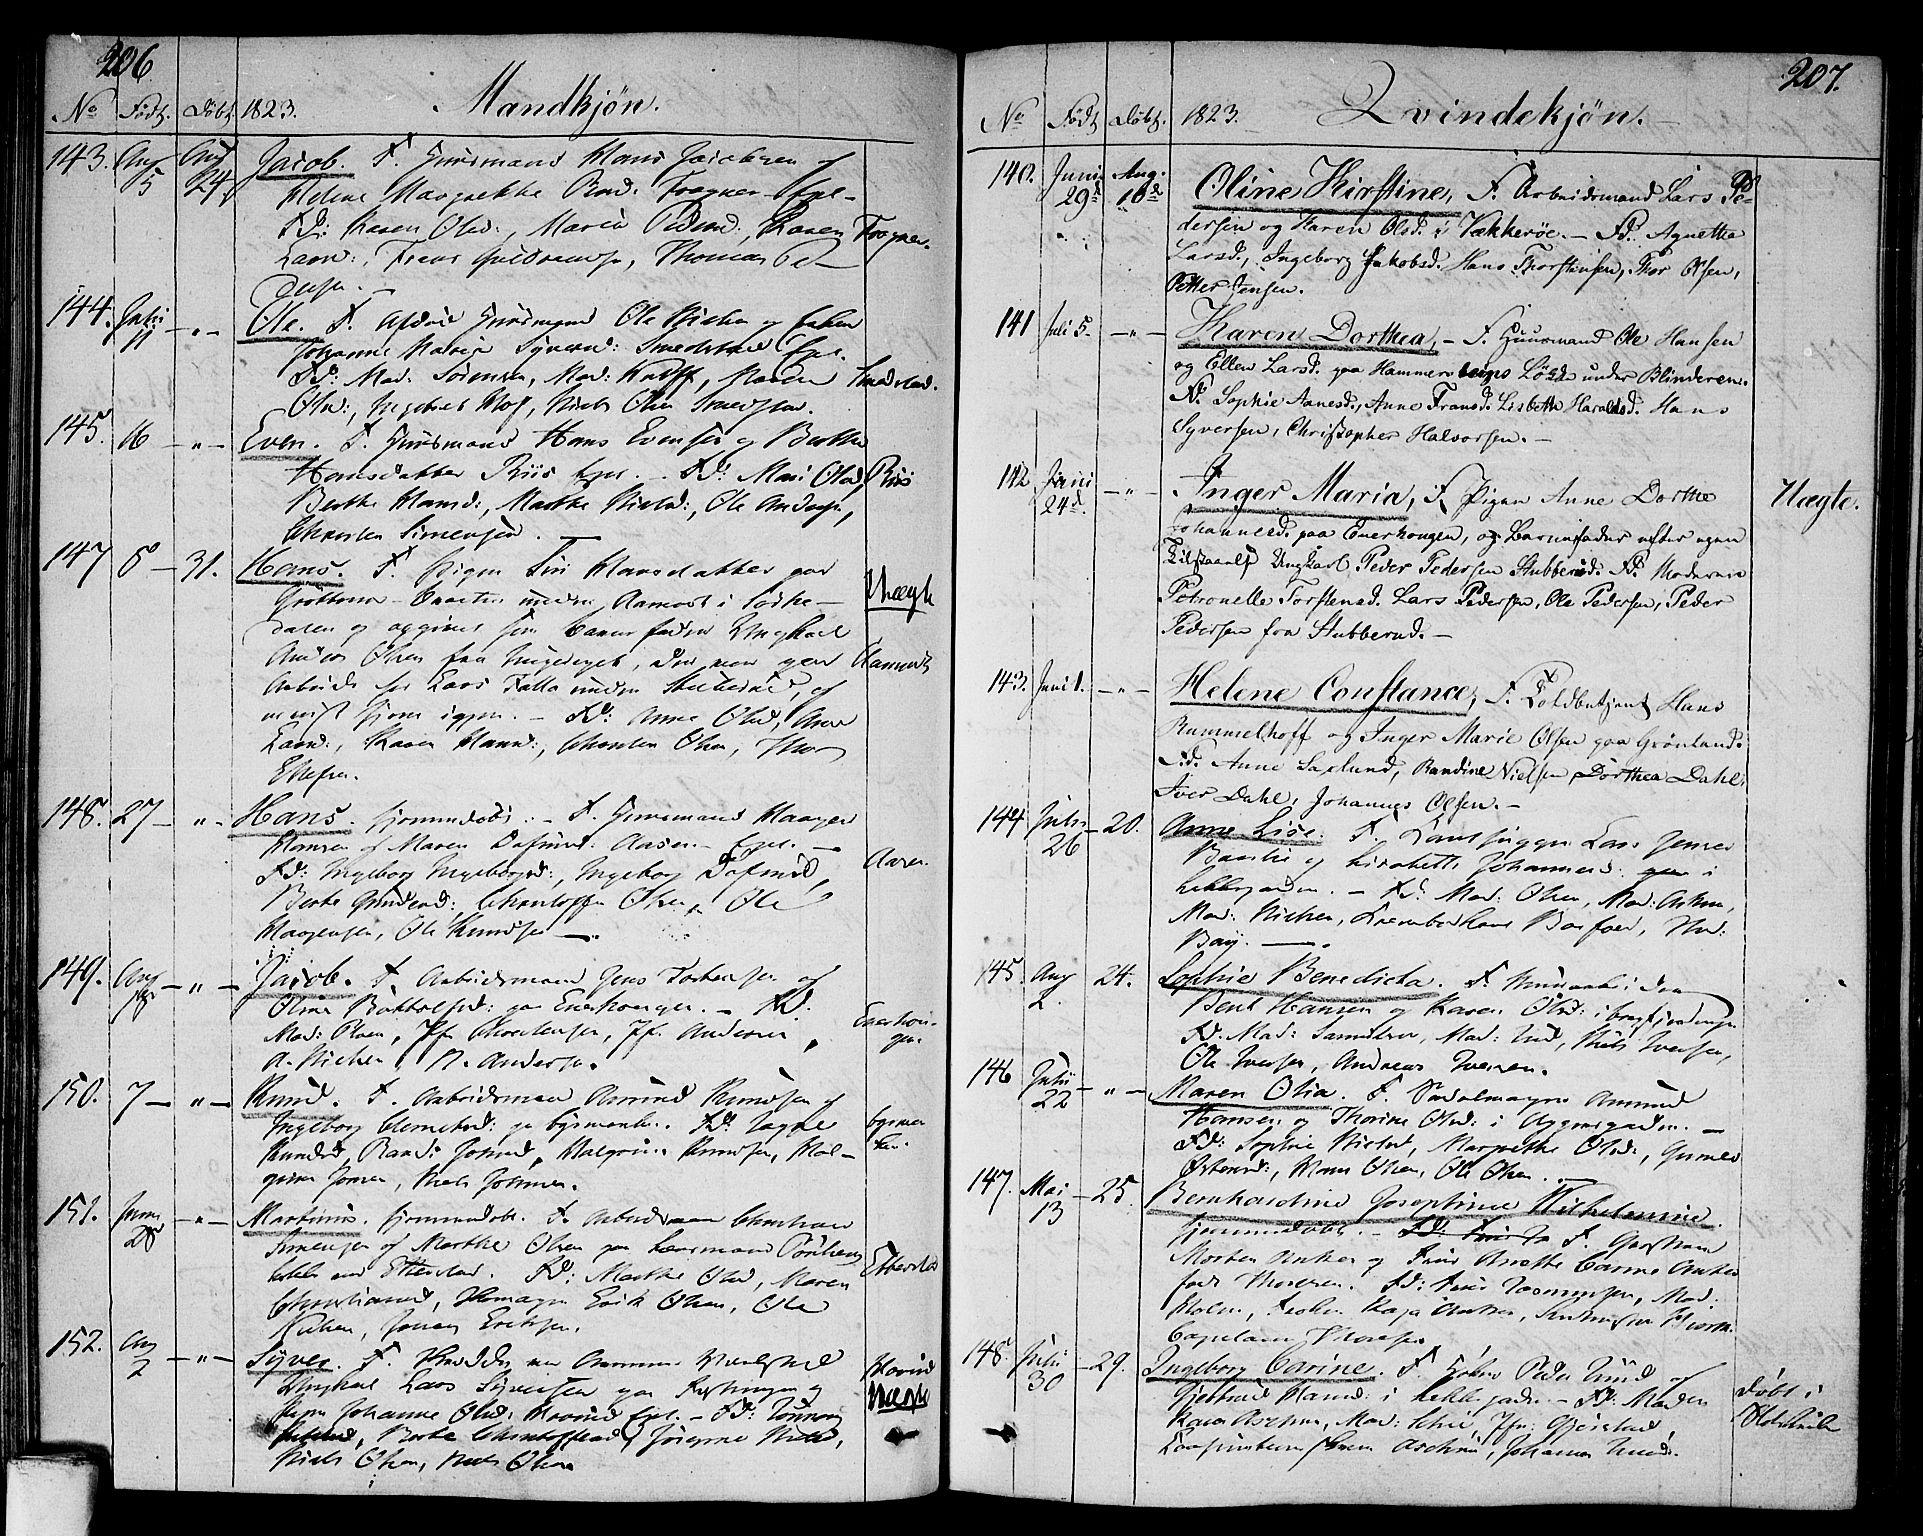 SAO, Aker prestekontor kirkebøker, F/L0012: Ministerialbok nr. 12, 1819-1828, s. 206-207